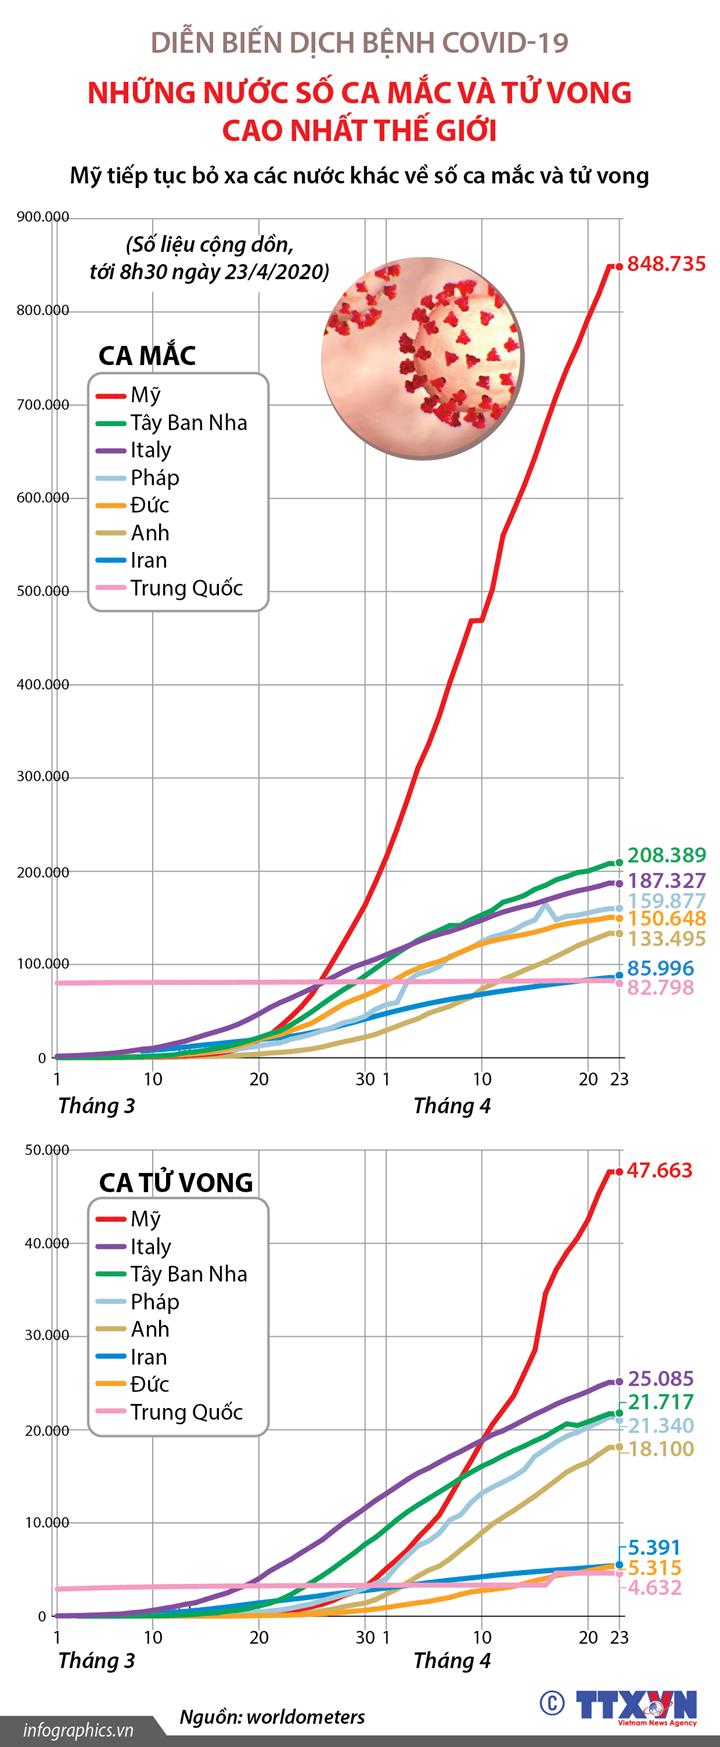 Dịch bệnh COVID-19: Những nước số ca mắc và tử vong cao nhất thế giới (đến 8h30 ngày 23/4/2020)